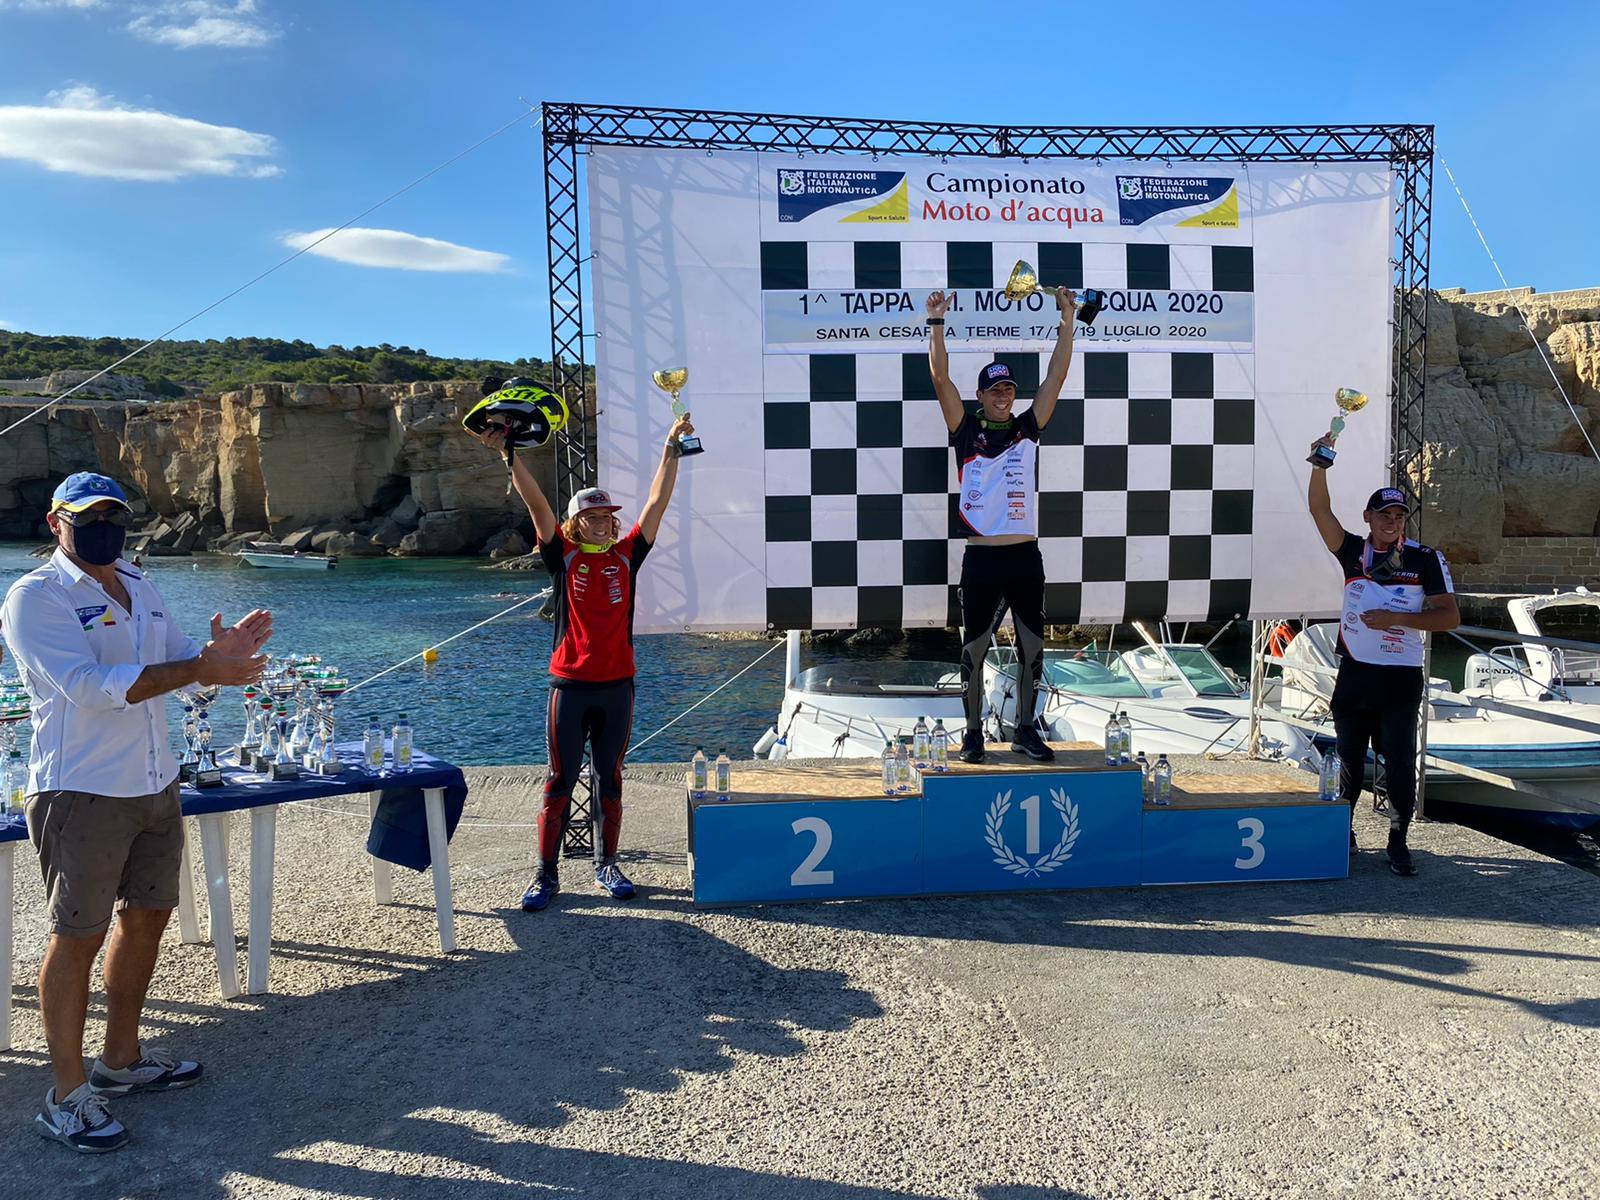 Campionato Italiano Moto d'Acqua conclusa la prima tappa del circuito